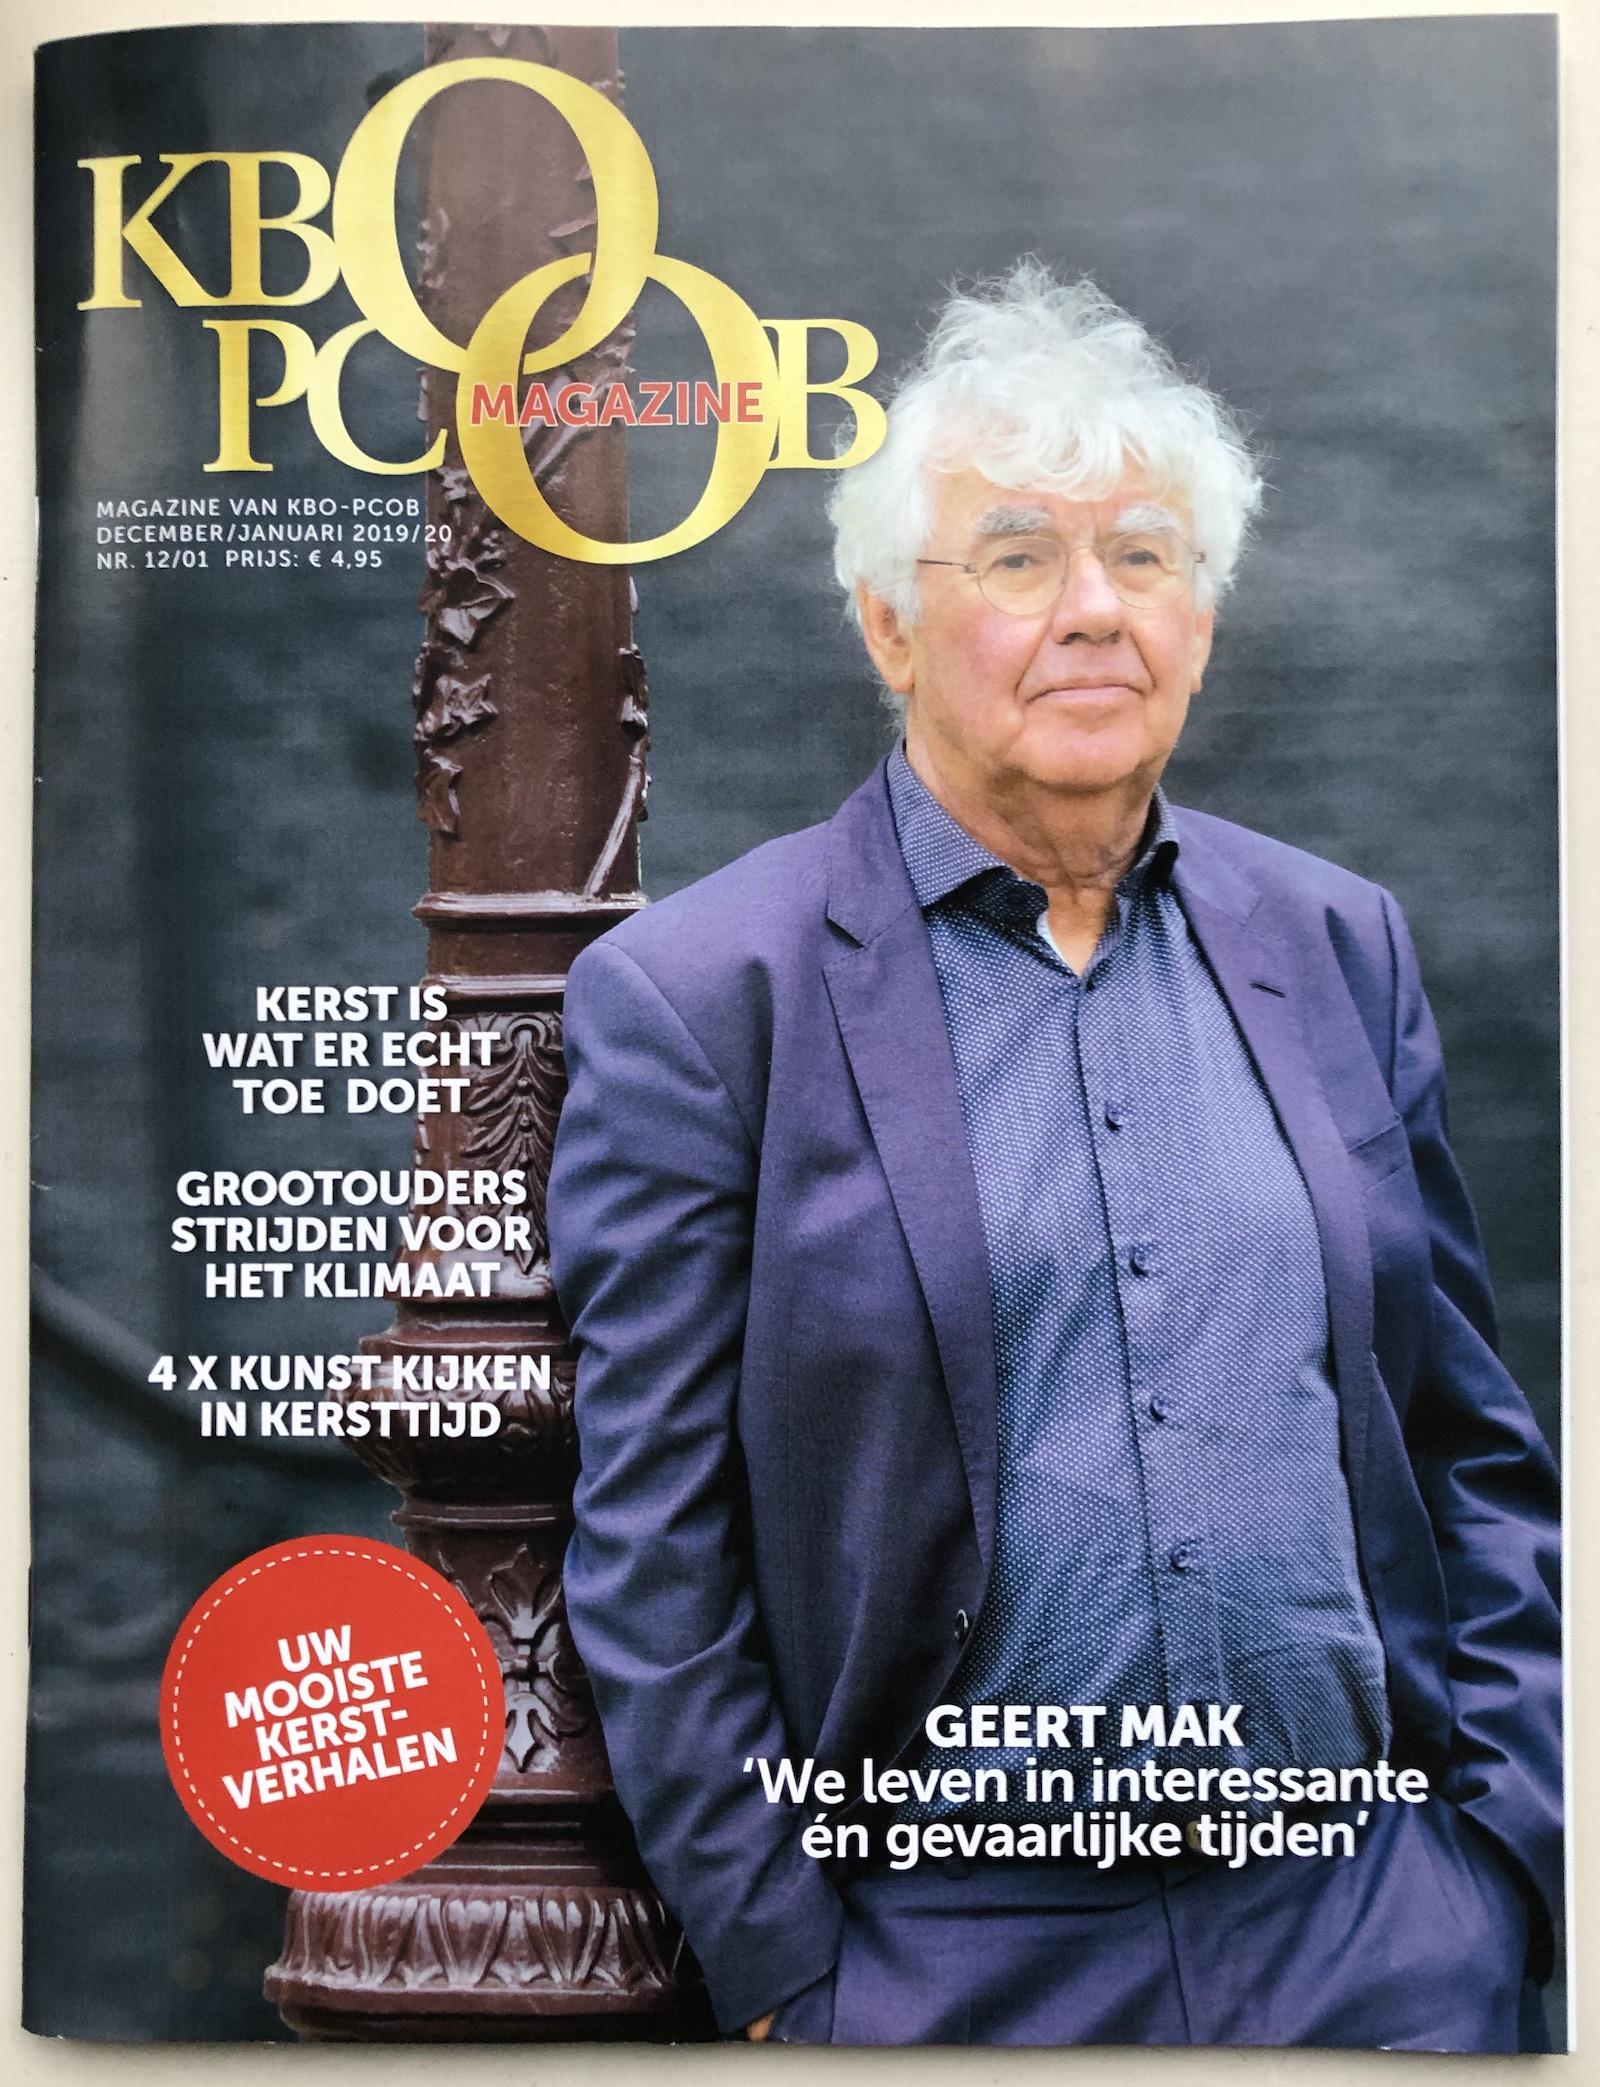 Geert Mak: 'We leven in interessante en gevaarlijke tijden'